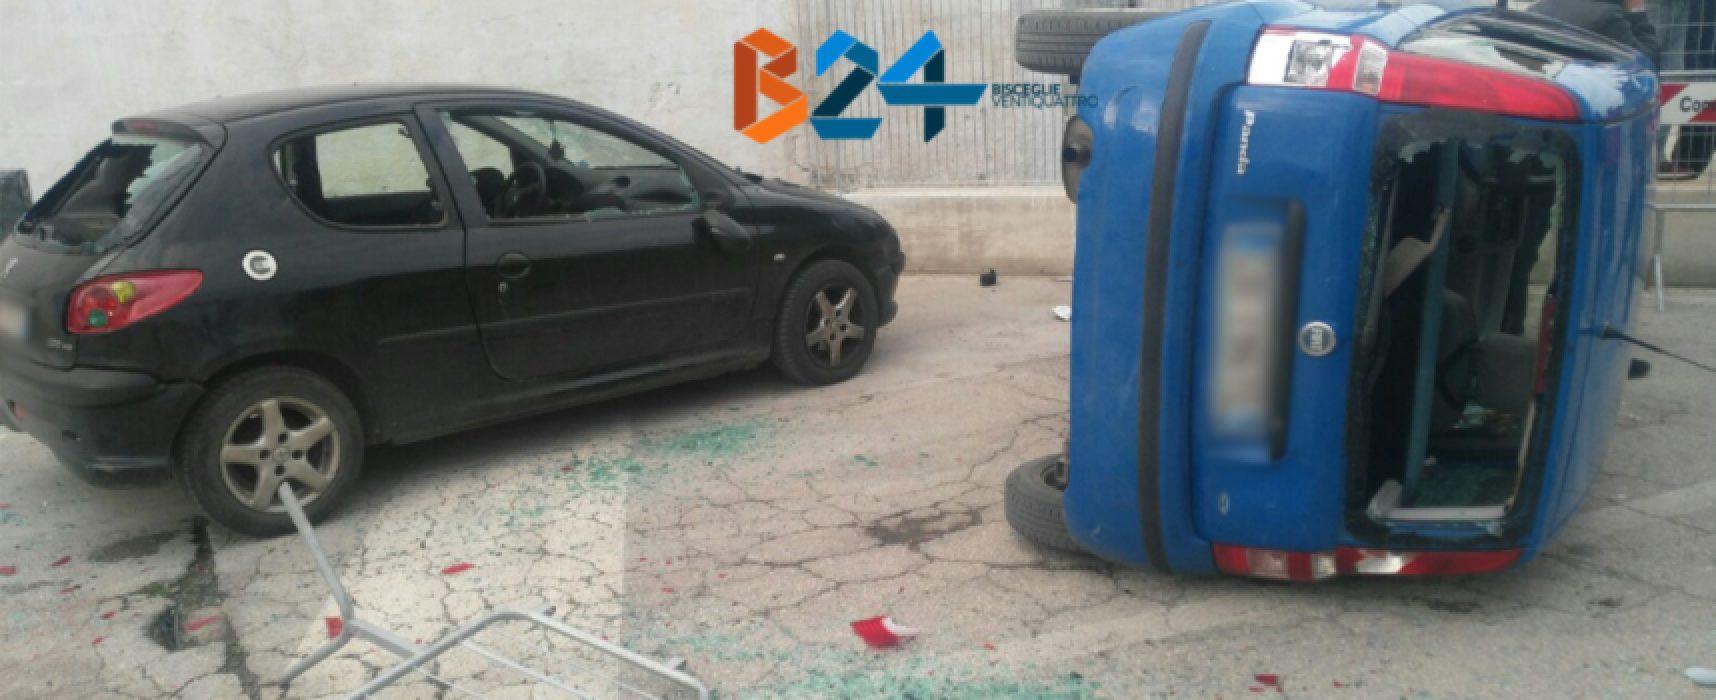 """Due auto distrutte fuori allo stadio """"Ventura"""" durante Unione Calcio-Molfetta"""